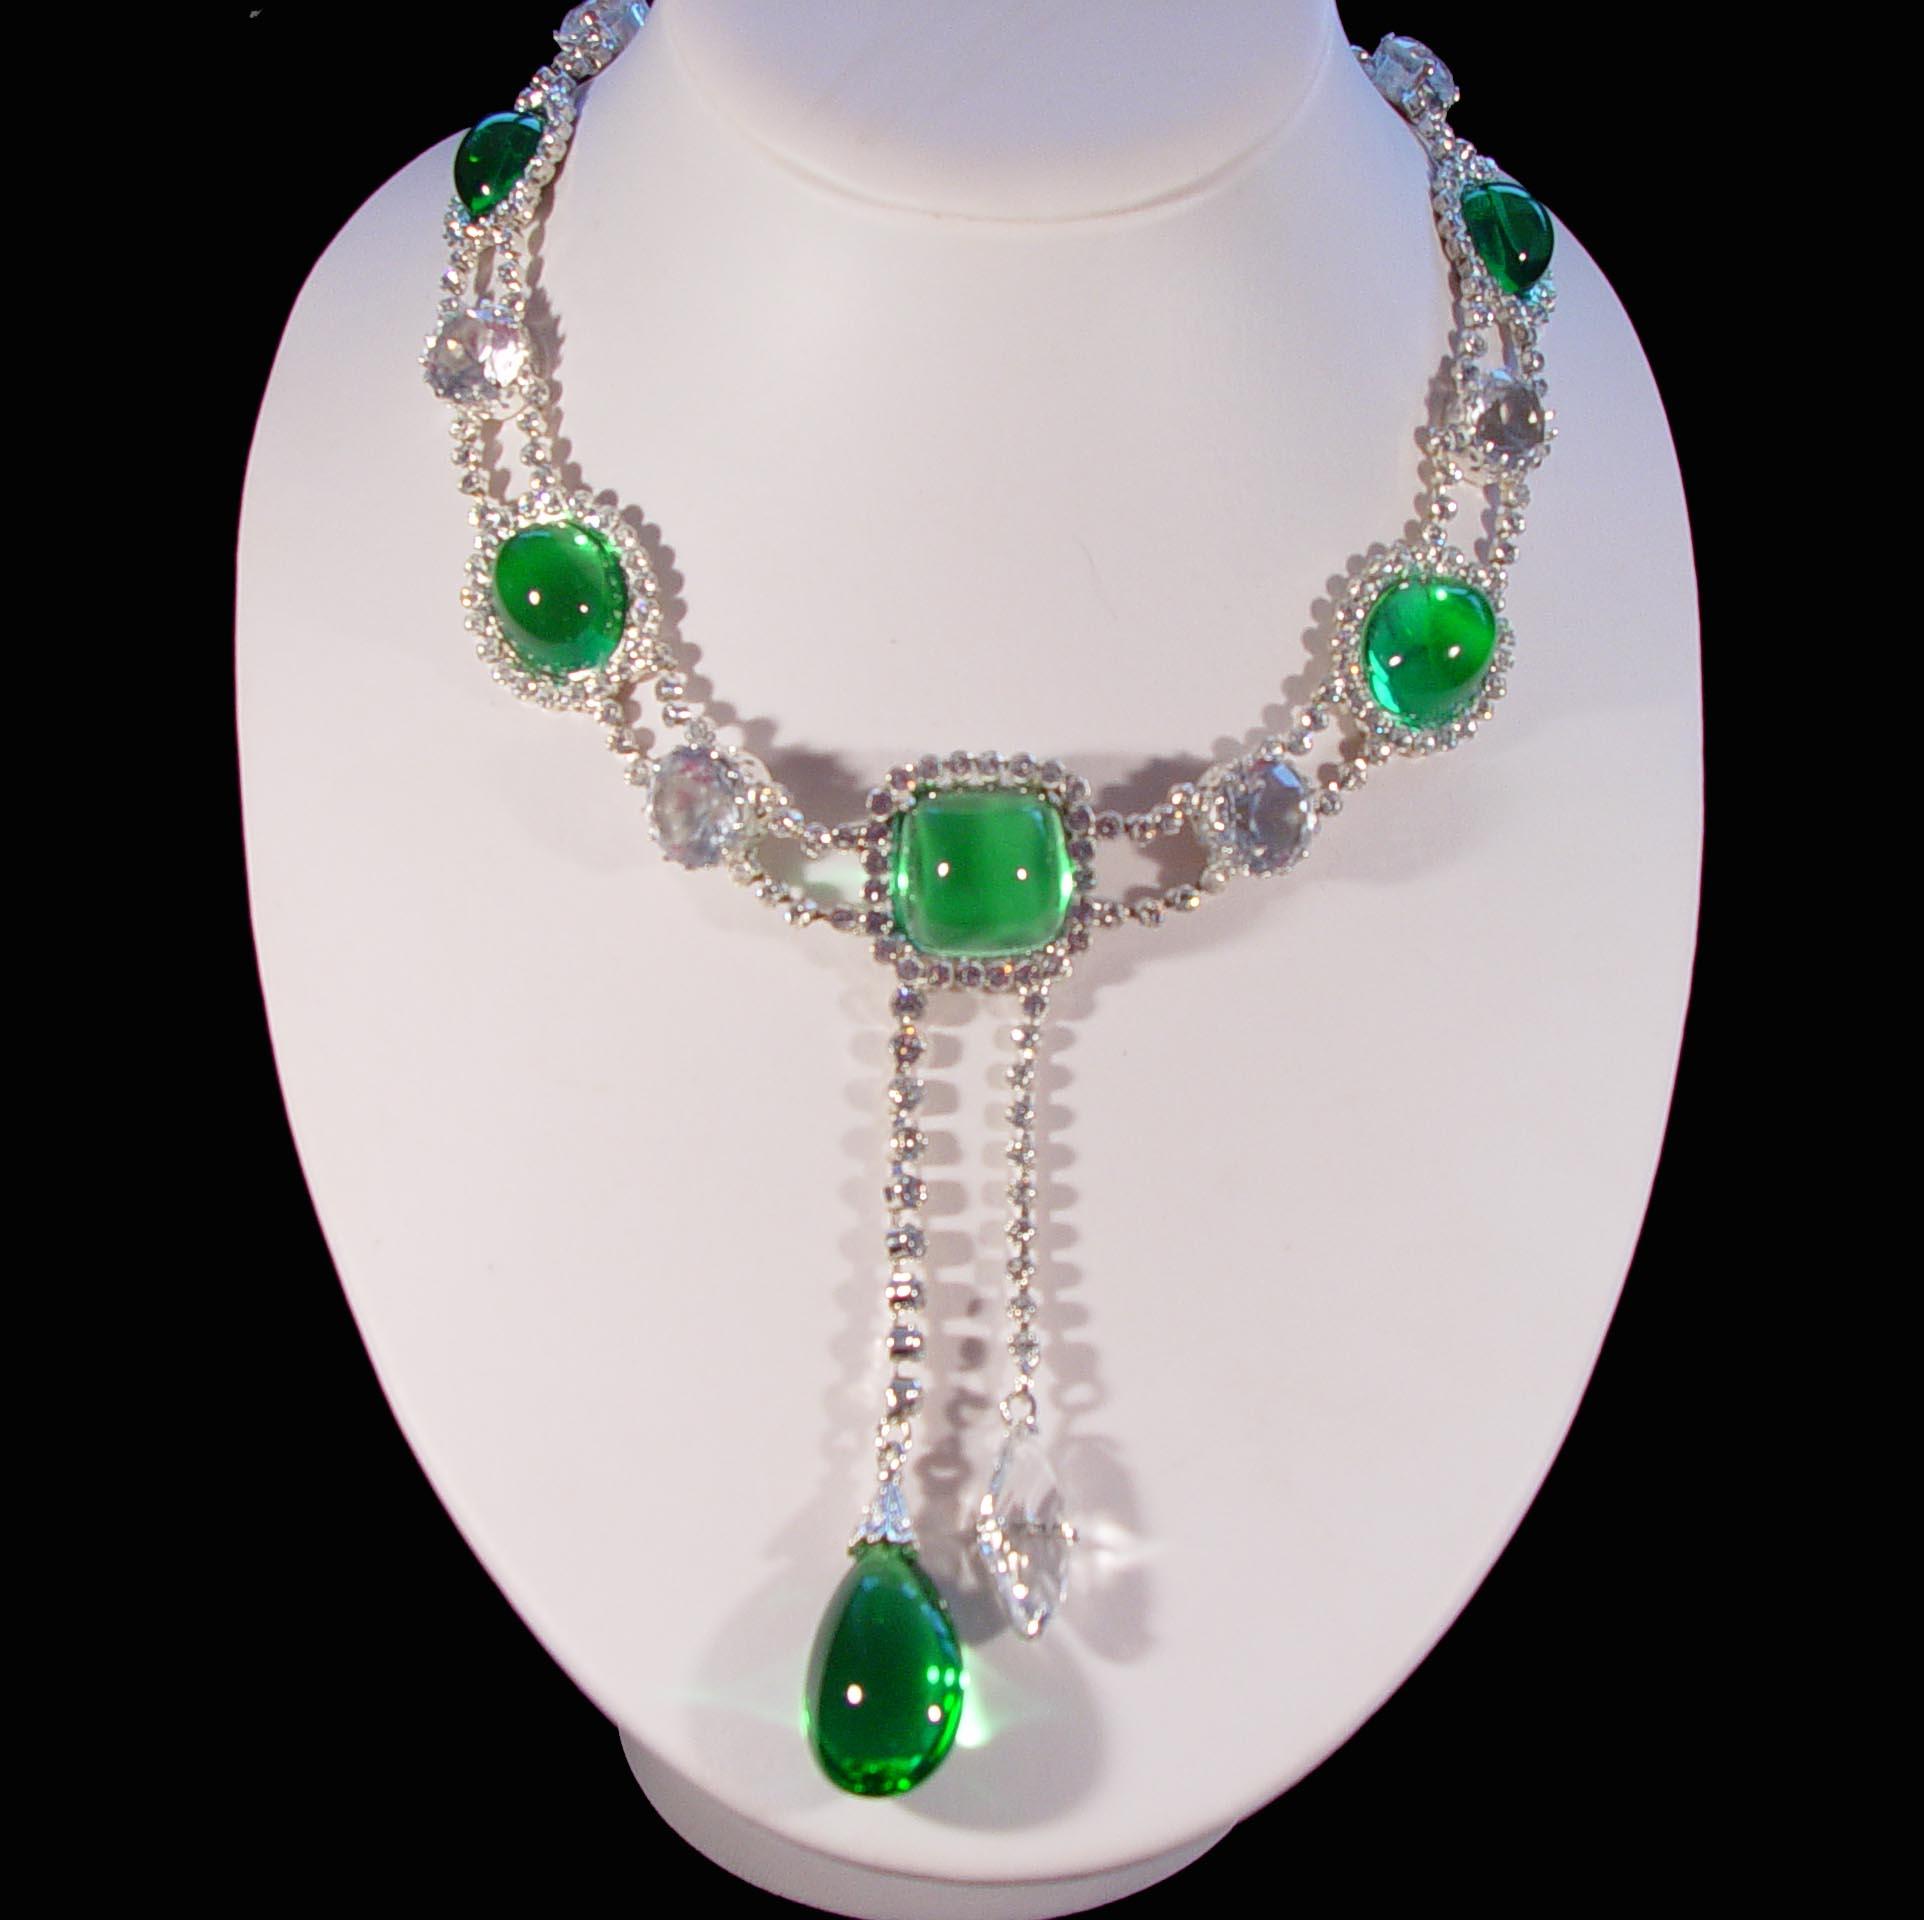 Queen's necklaces – Royal Exhibitions